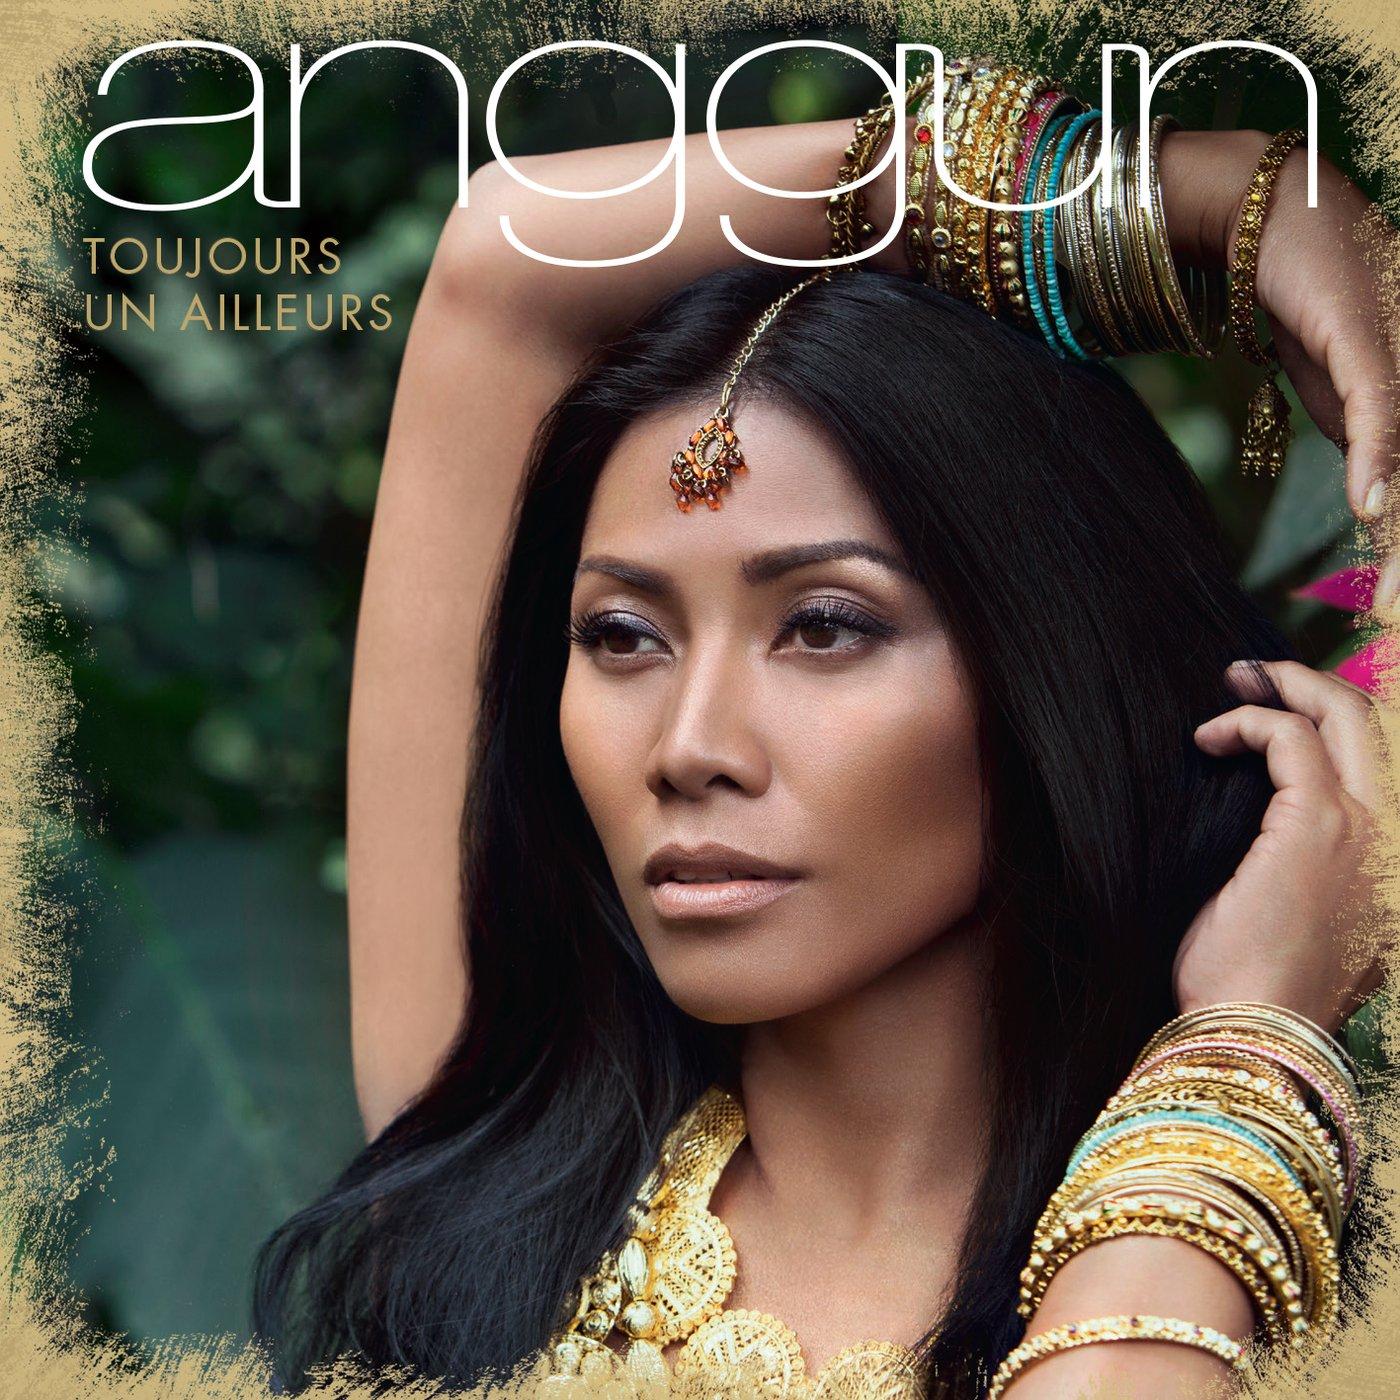 Top Pochettes Albums 2015 dans Top Pochettes Albums 2015 81vN-53mfXL._SL1400_